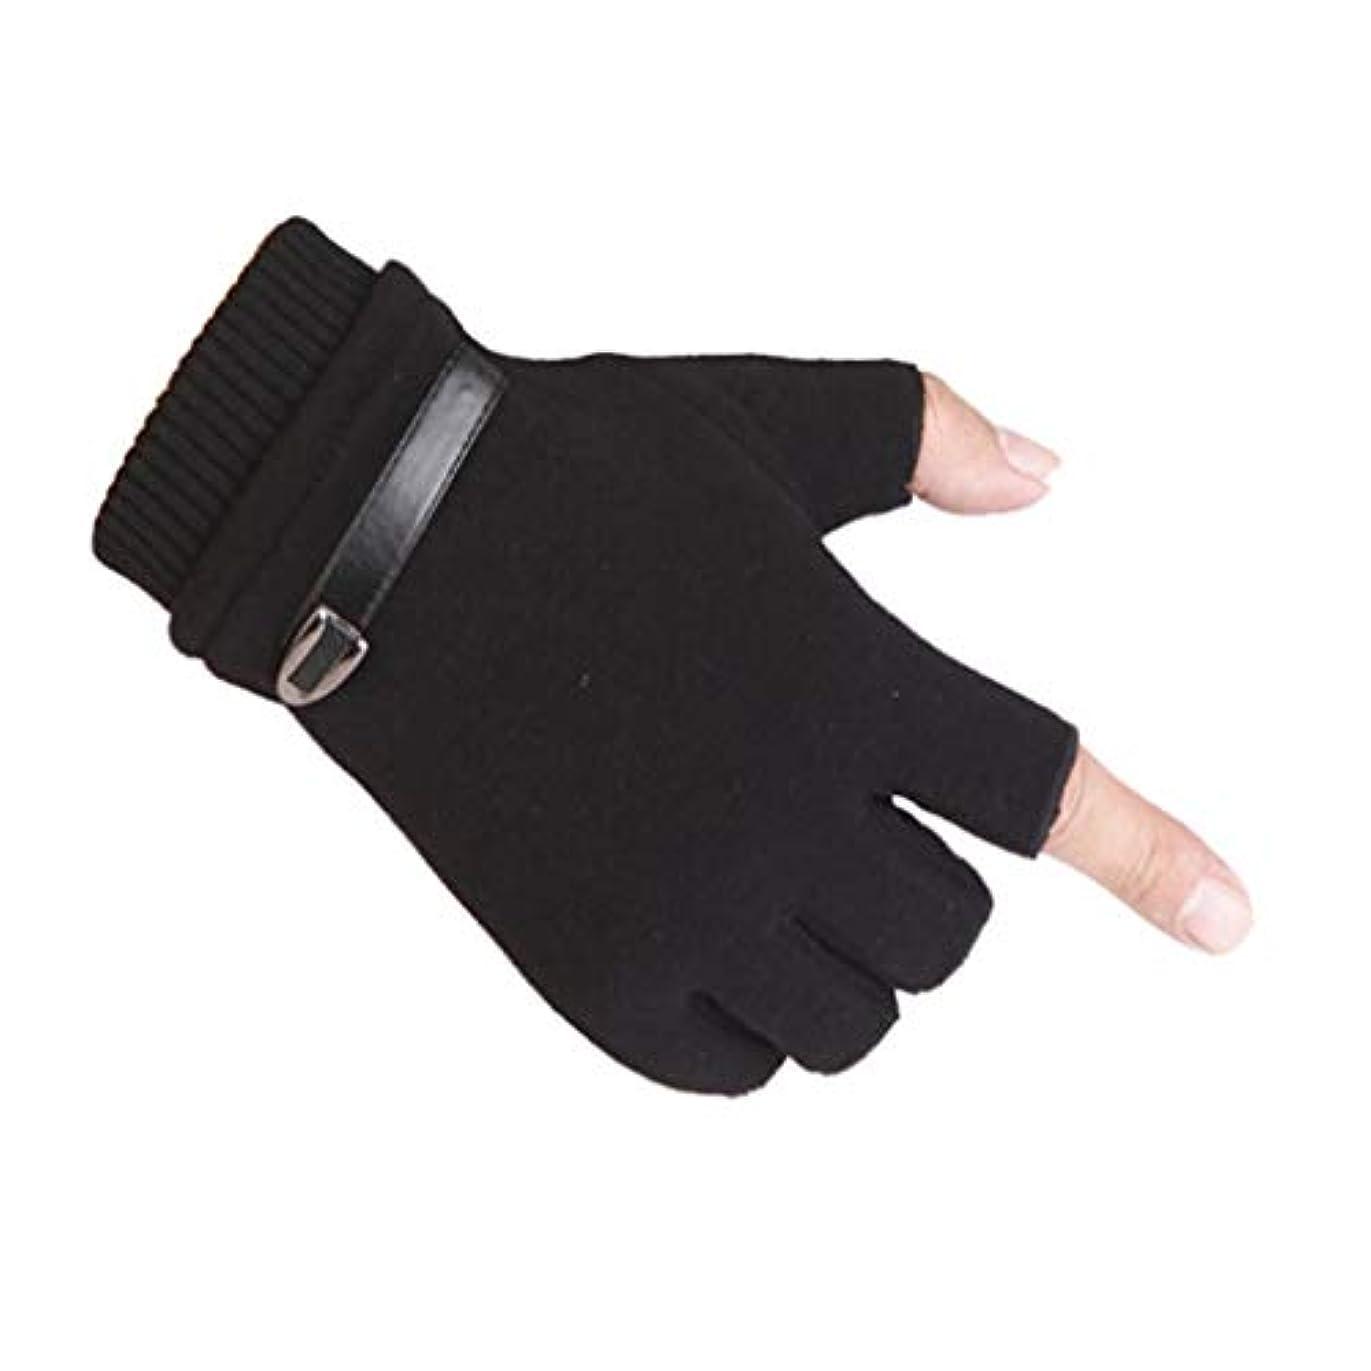 結論主婦将来の秋と冬プラスベルベット肥厚ハーフフィンガー手袋男性と女性ベルベット生徒は指を離してカップルの手袋黒の男性モデルに乗ってコンピュータタイピングを書くことではない